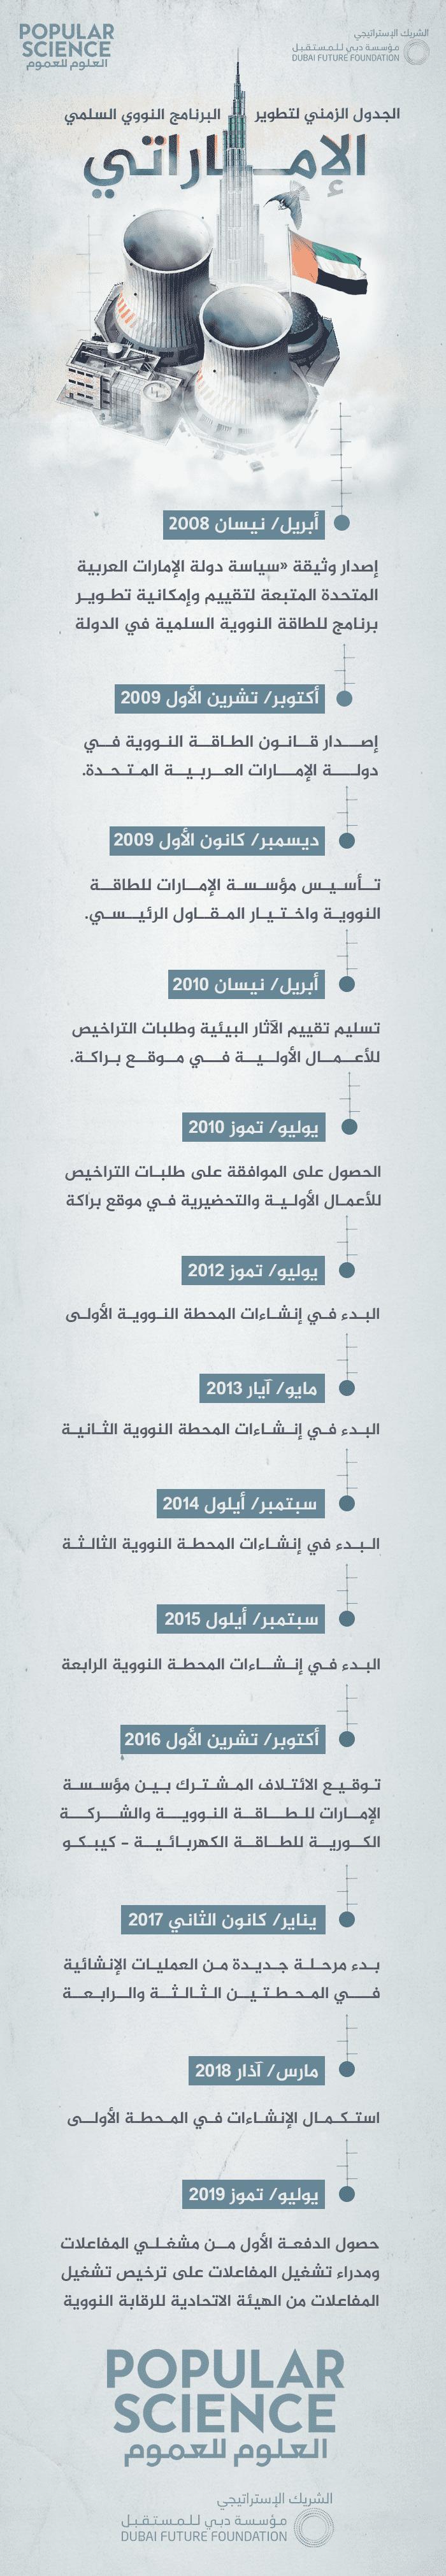 الجدول الزمني لتطوير البرنامج النووي السلمي الإماراتي